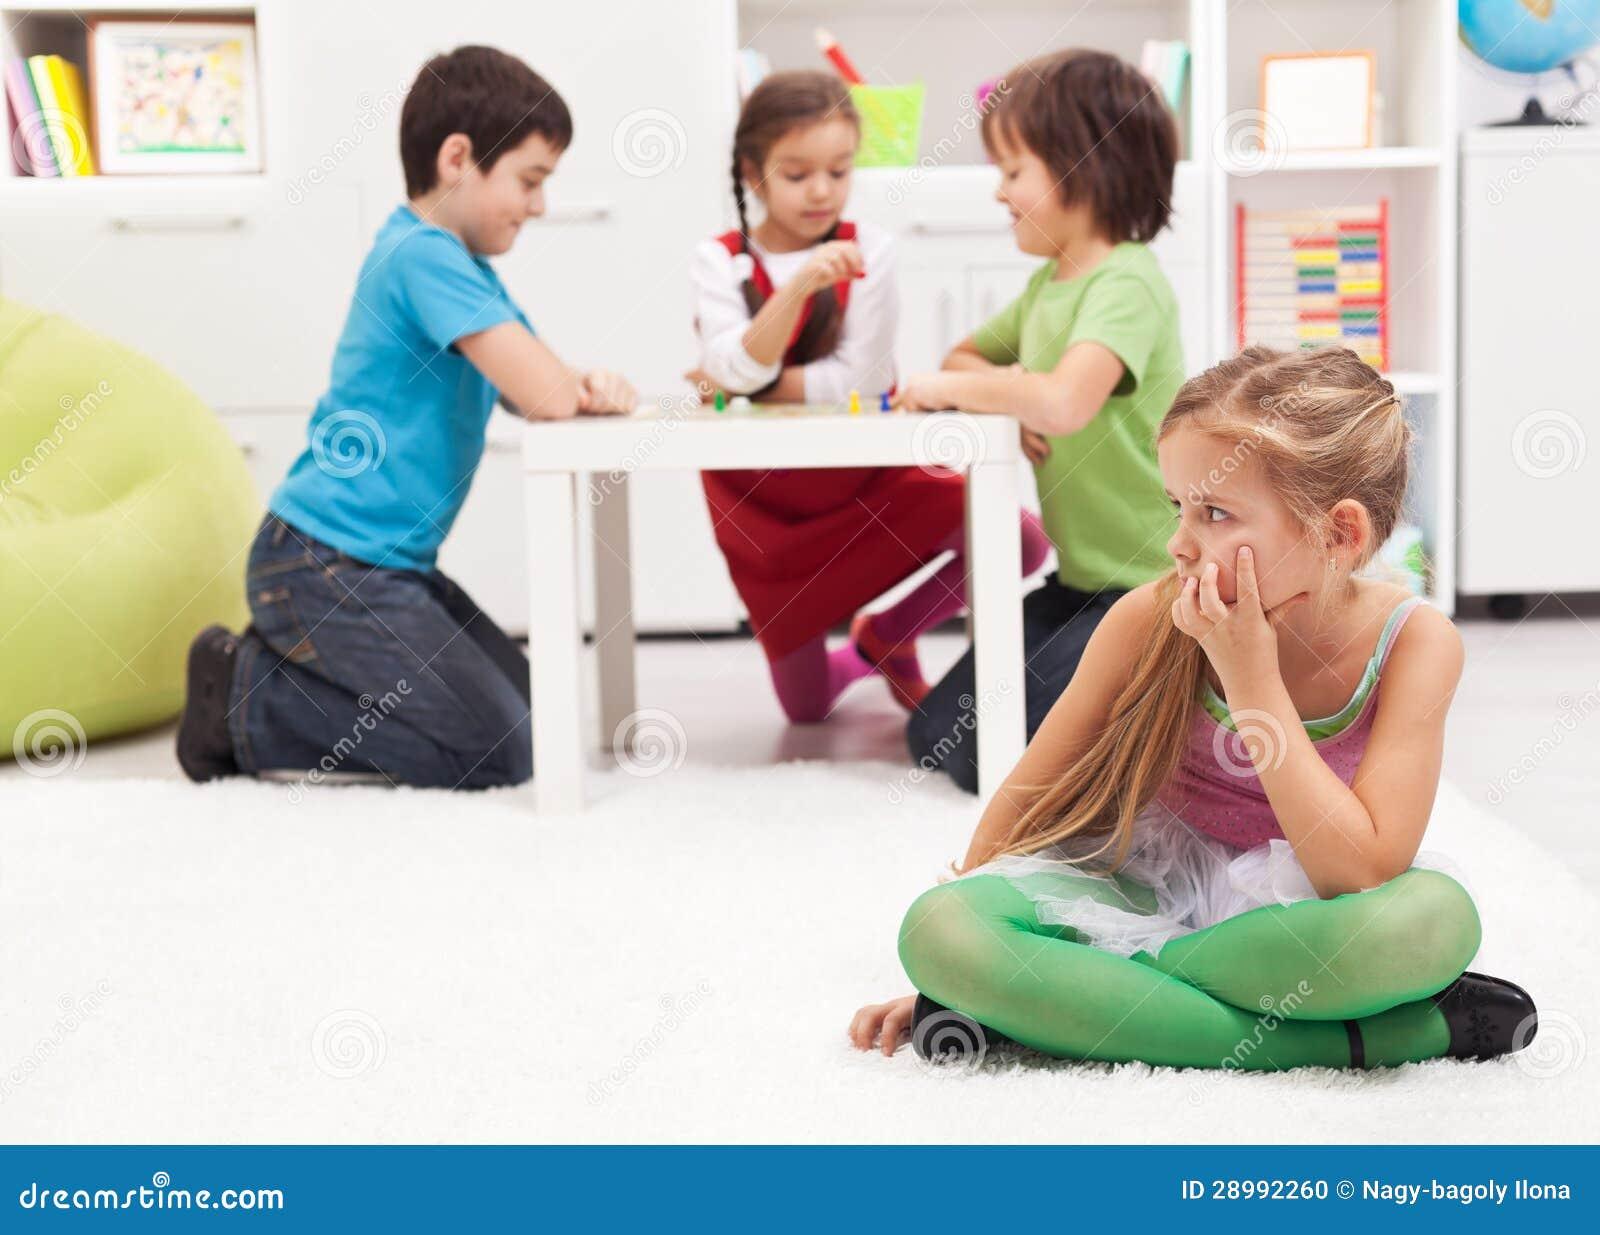 De zitting van het meisje apart gevoel door anderen wordt uitgesloten die stock foto - Slaapkamer fotos van het meisje ...